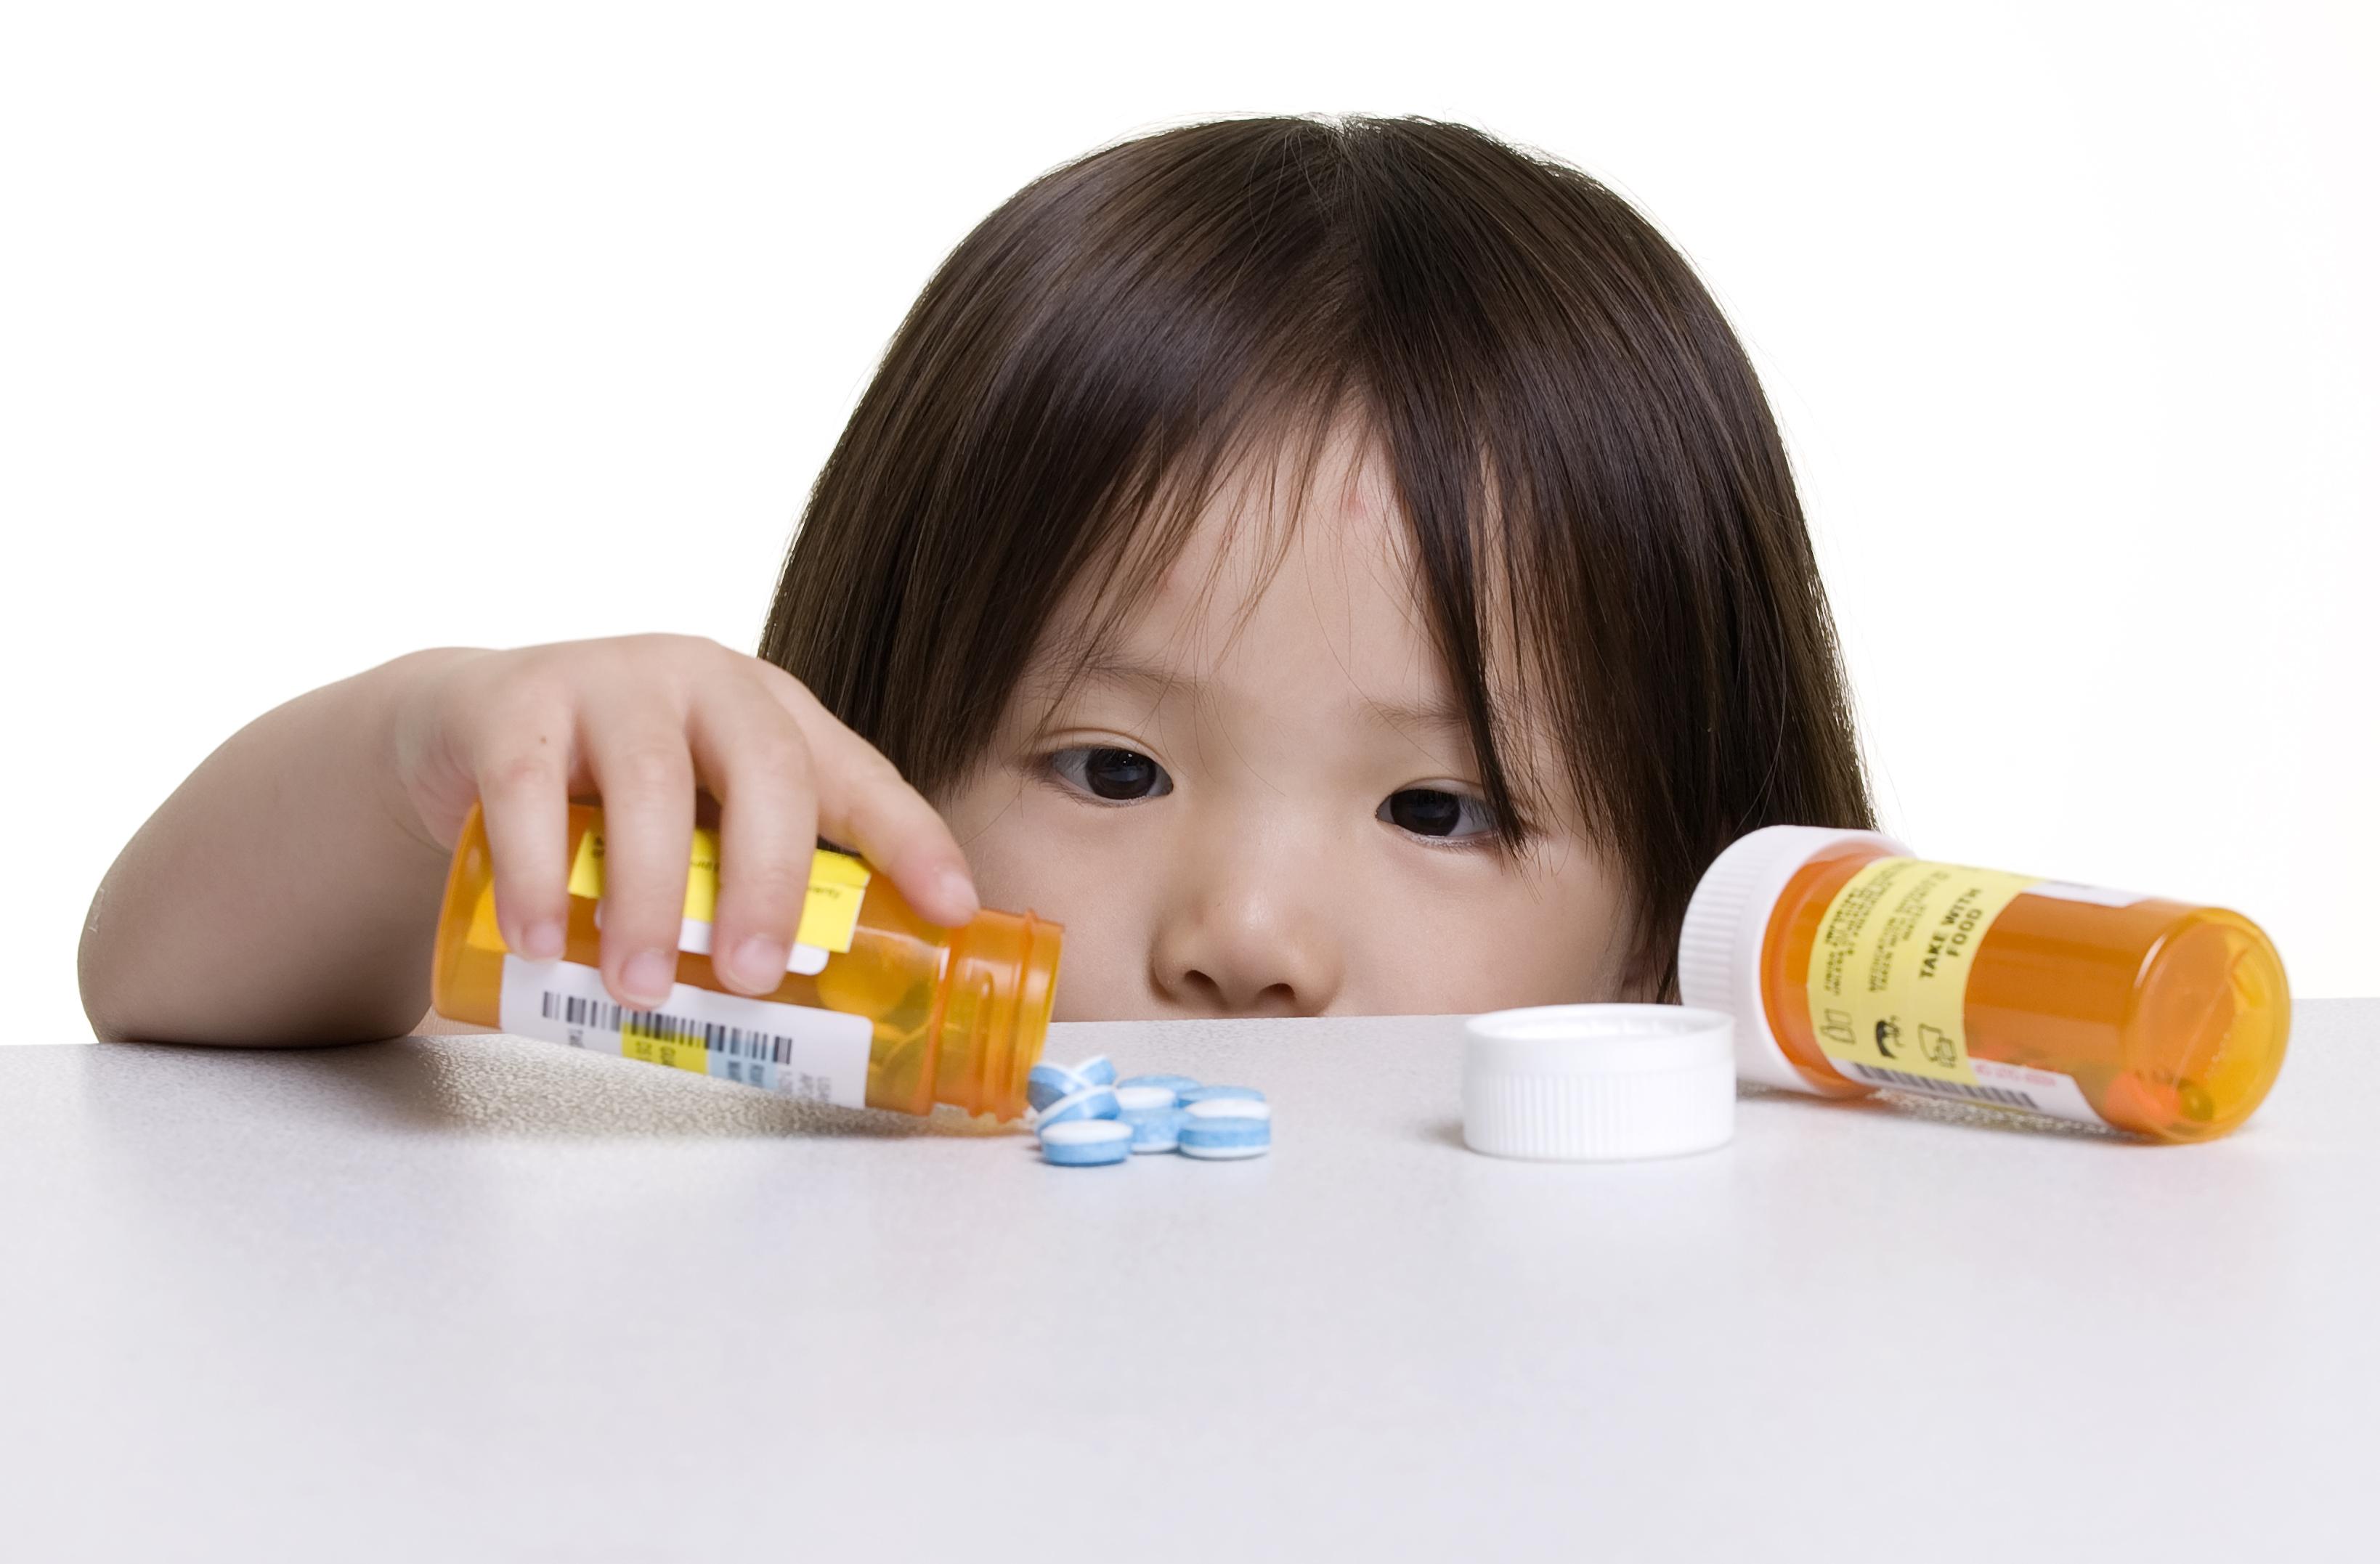 Medicamentos, produtos de limpeza e cosméticos devem ficar bem longe do alcance dos pequenos